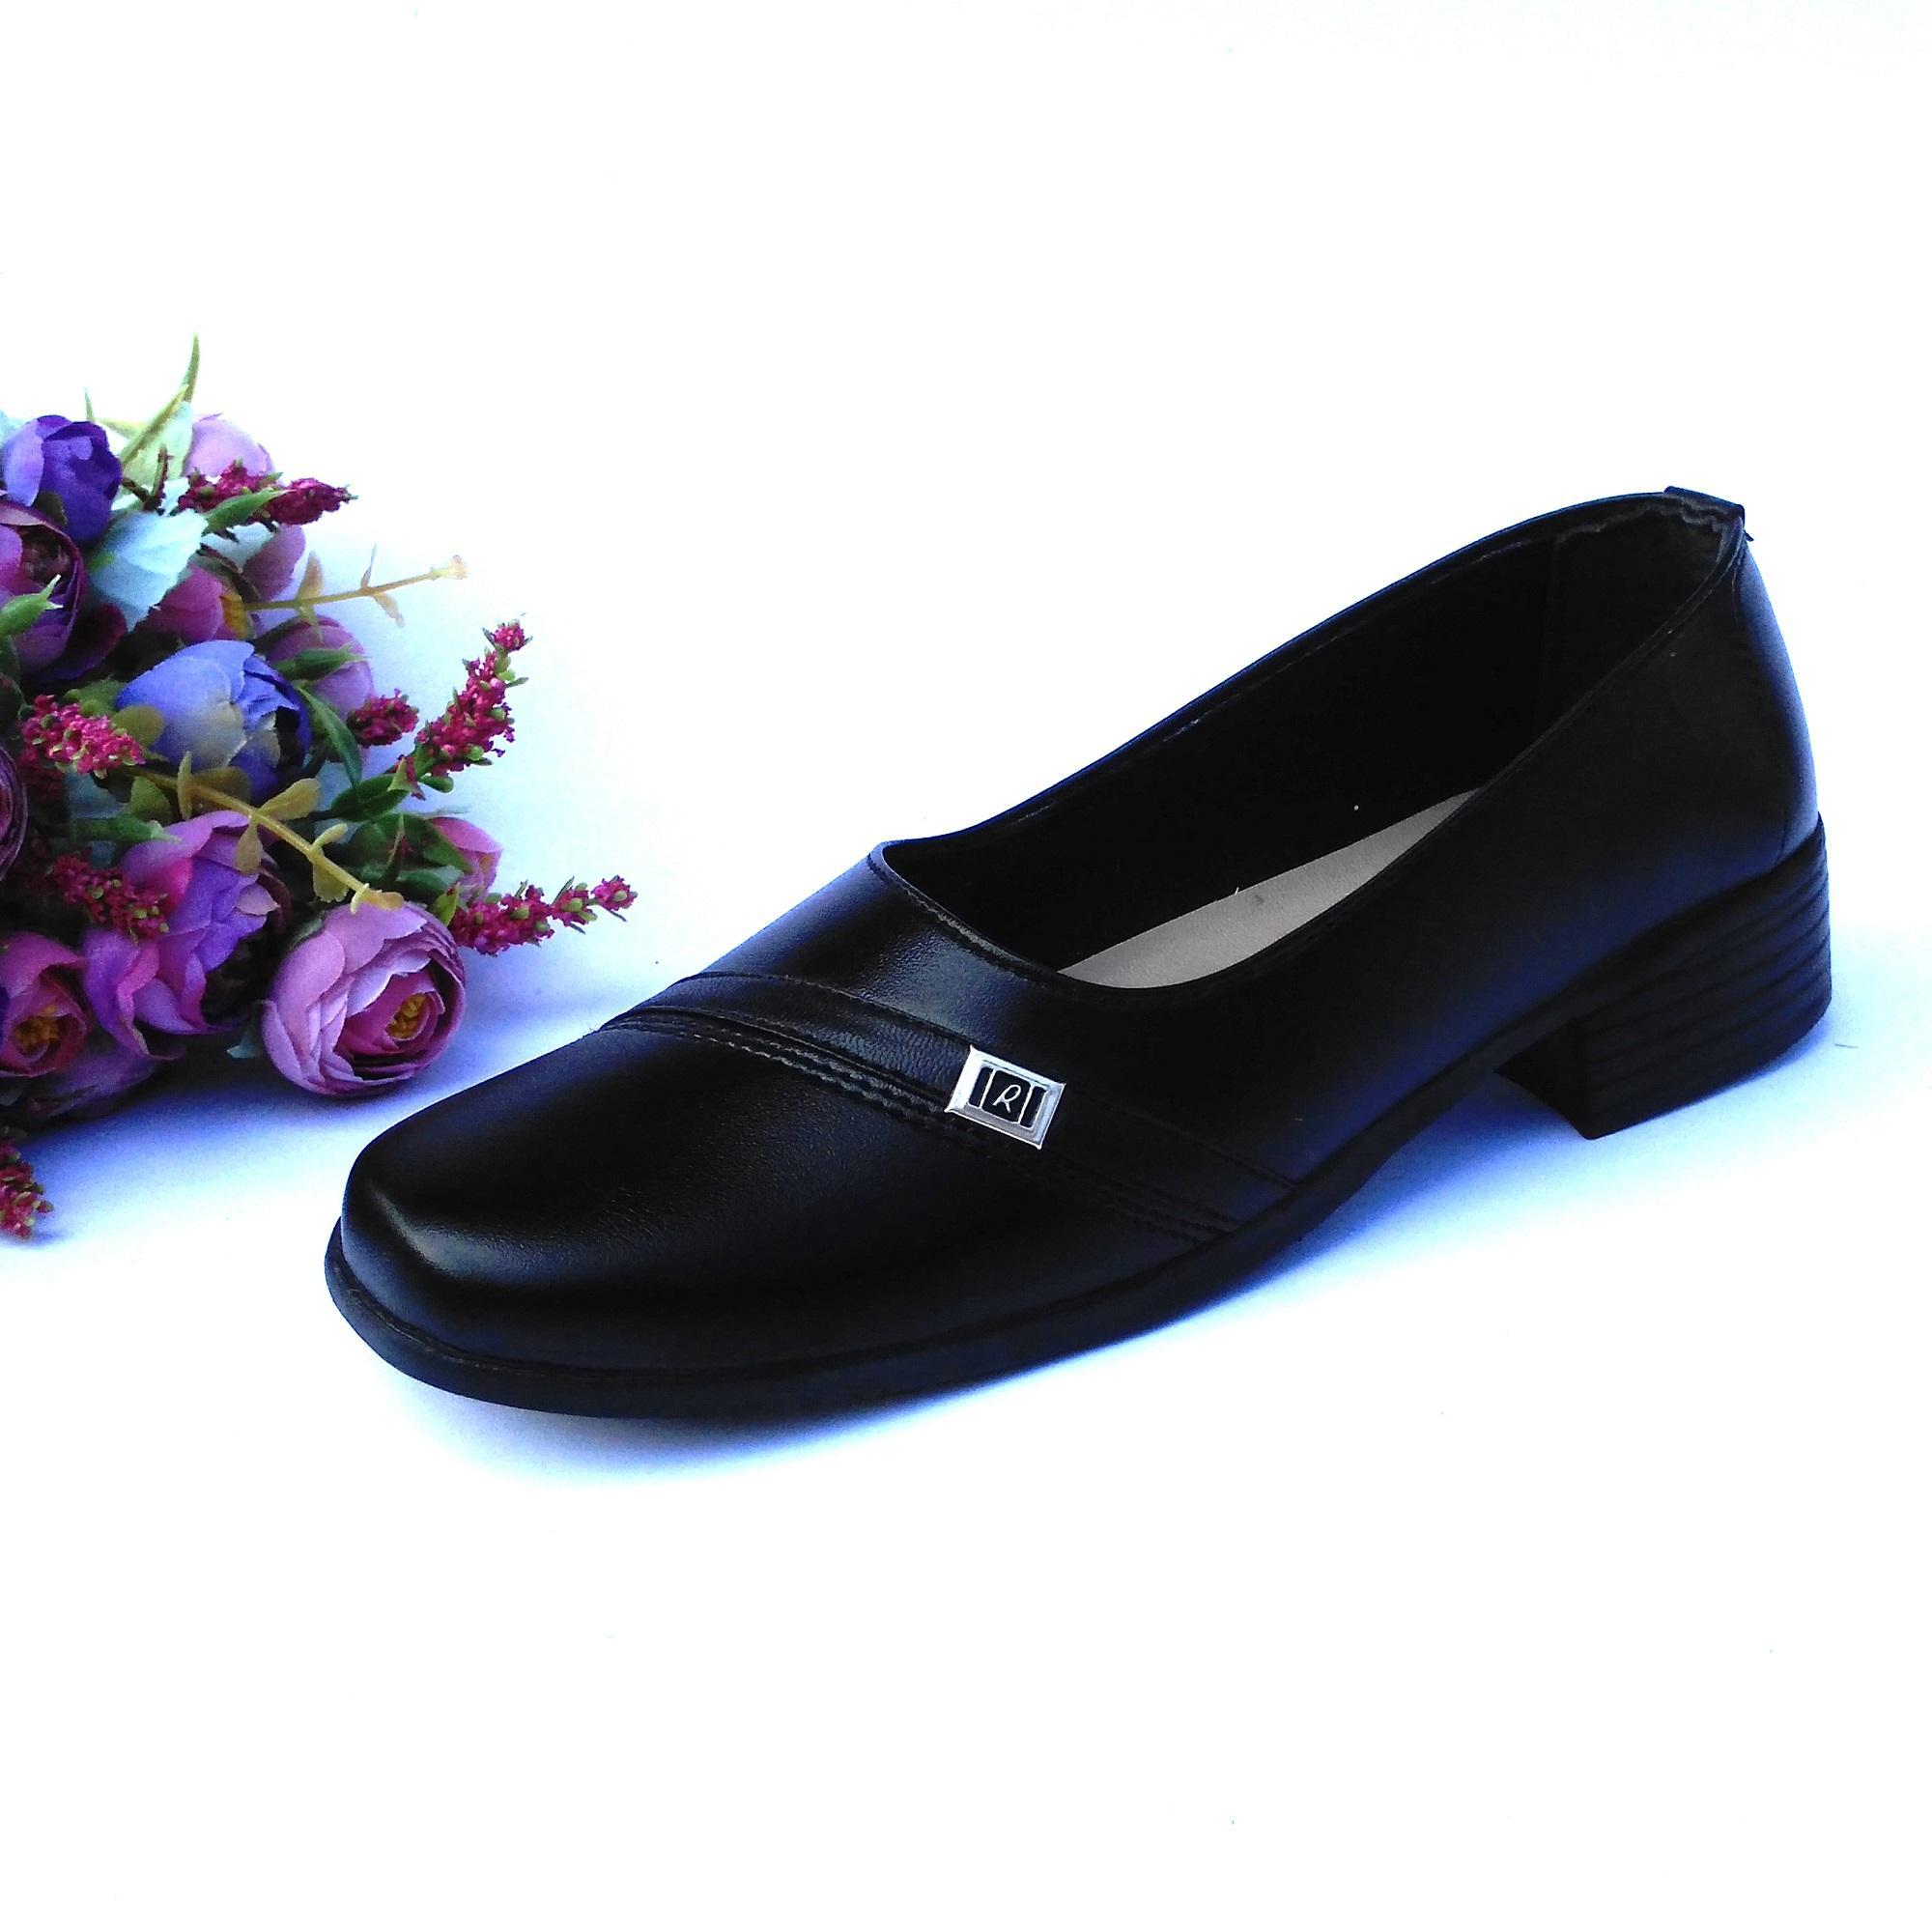 HQo Sepatu Pantofel Wanita / Sepatu Wanita Formal / Sepatu Pantofel Paskibra Wanita Bertali / Sepatu Kerja Wanita / Sepatu Kantor Wanita / Sepatu Kulit Wanita / Sepatu Sekolah Anak Wanita Hitam / SCO 02